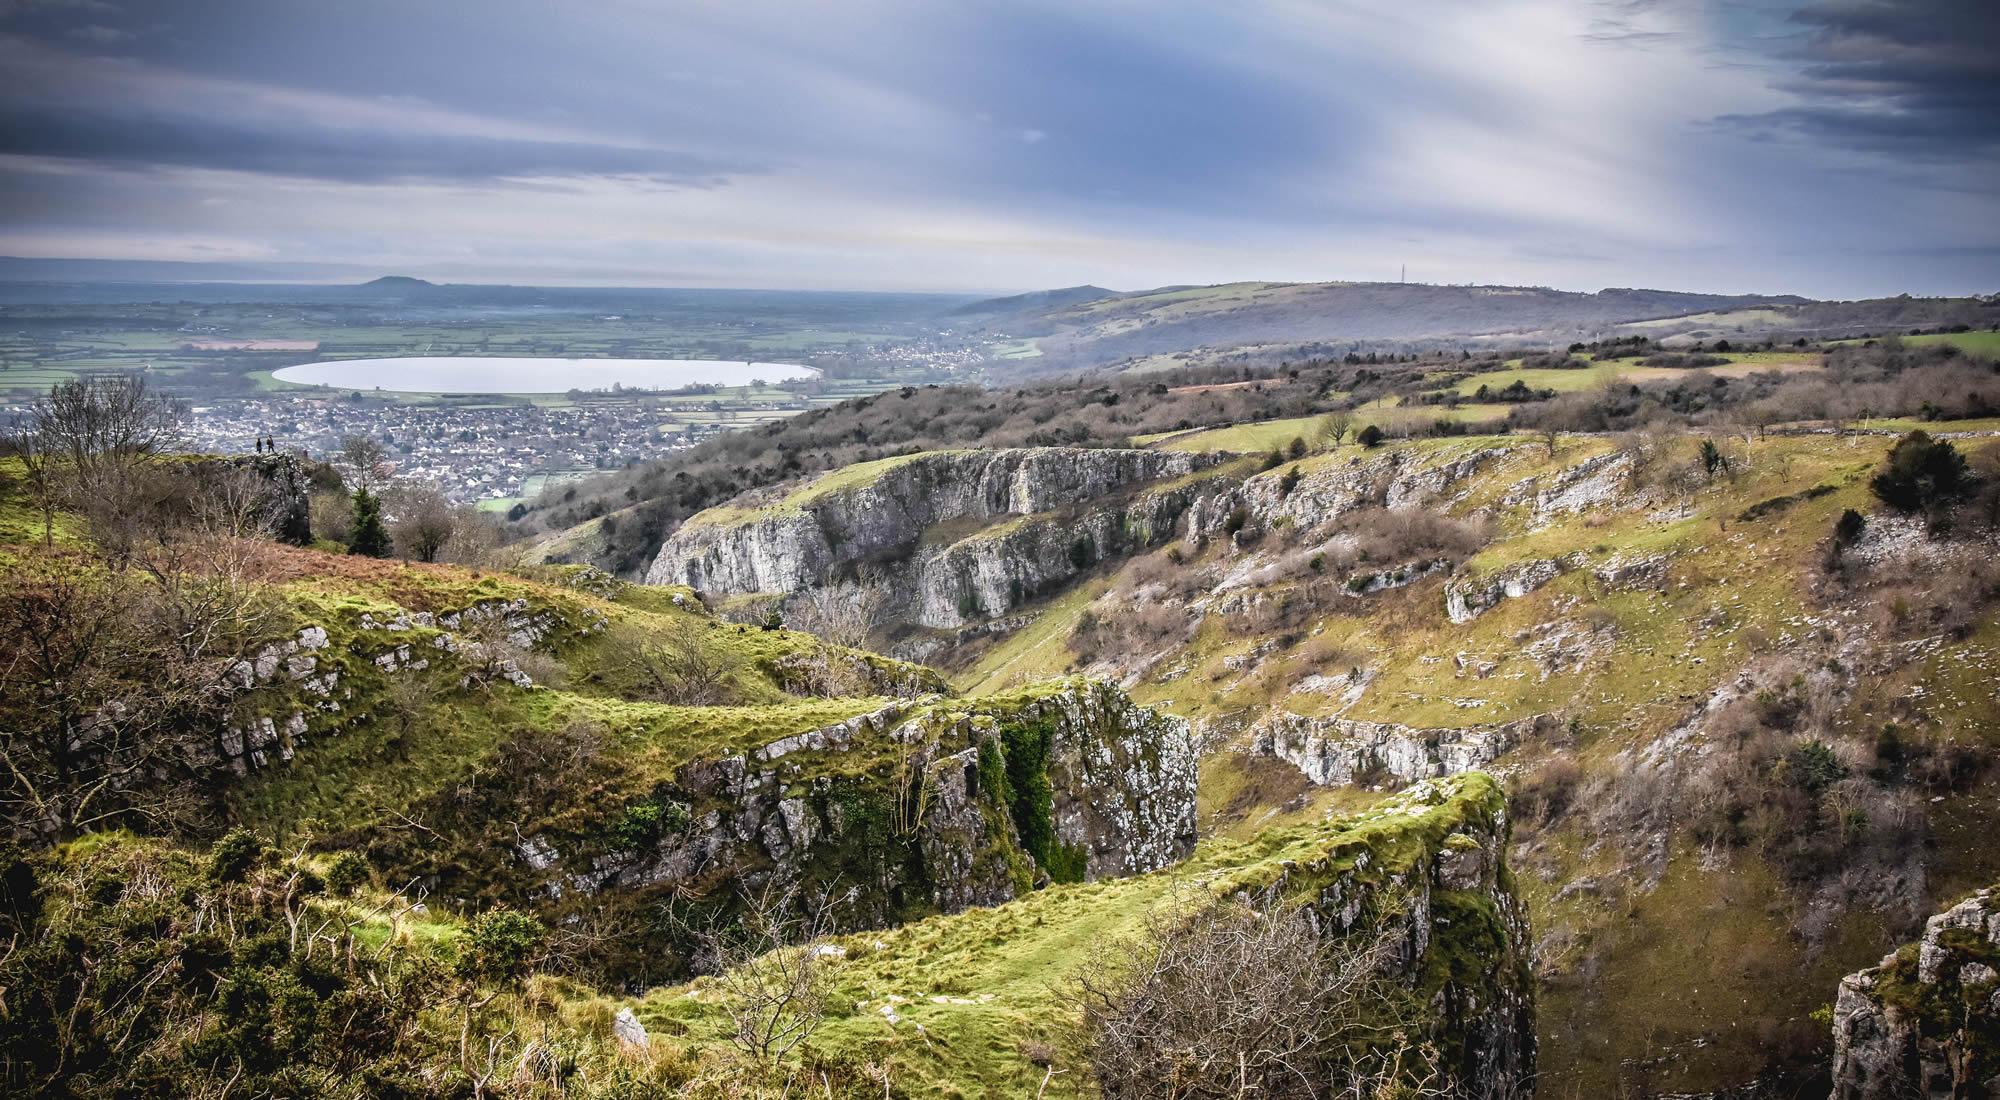 Visit Cheddar Gorge